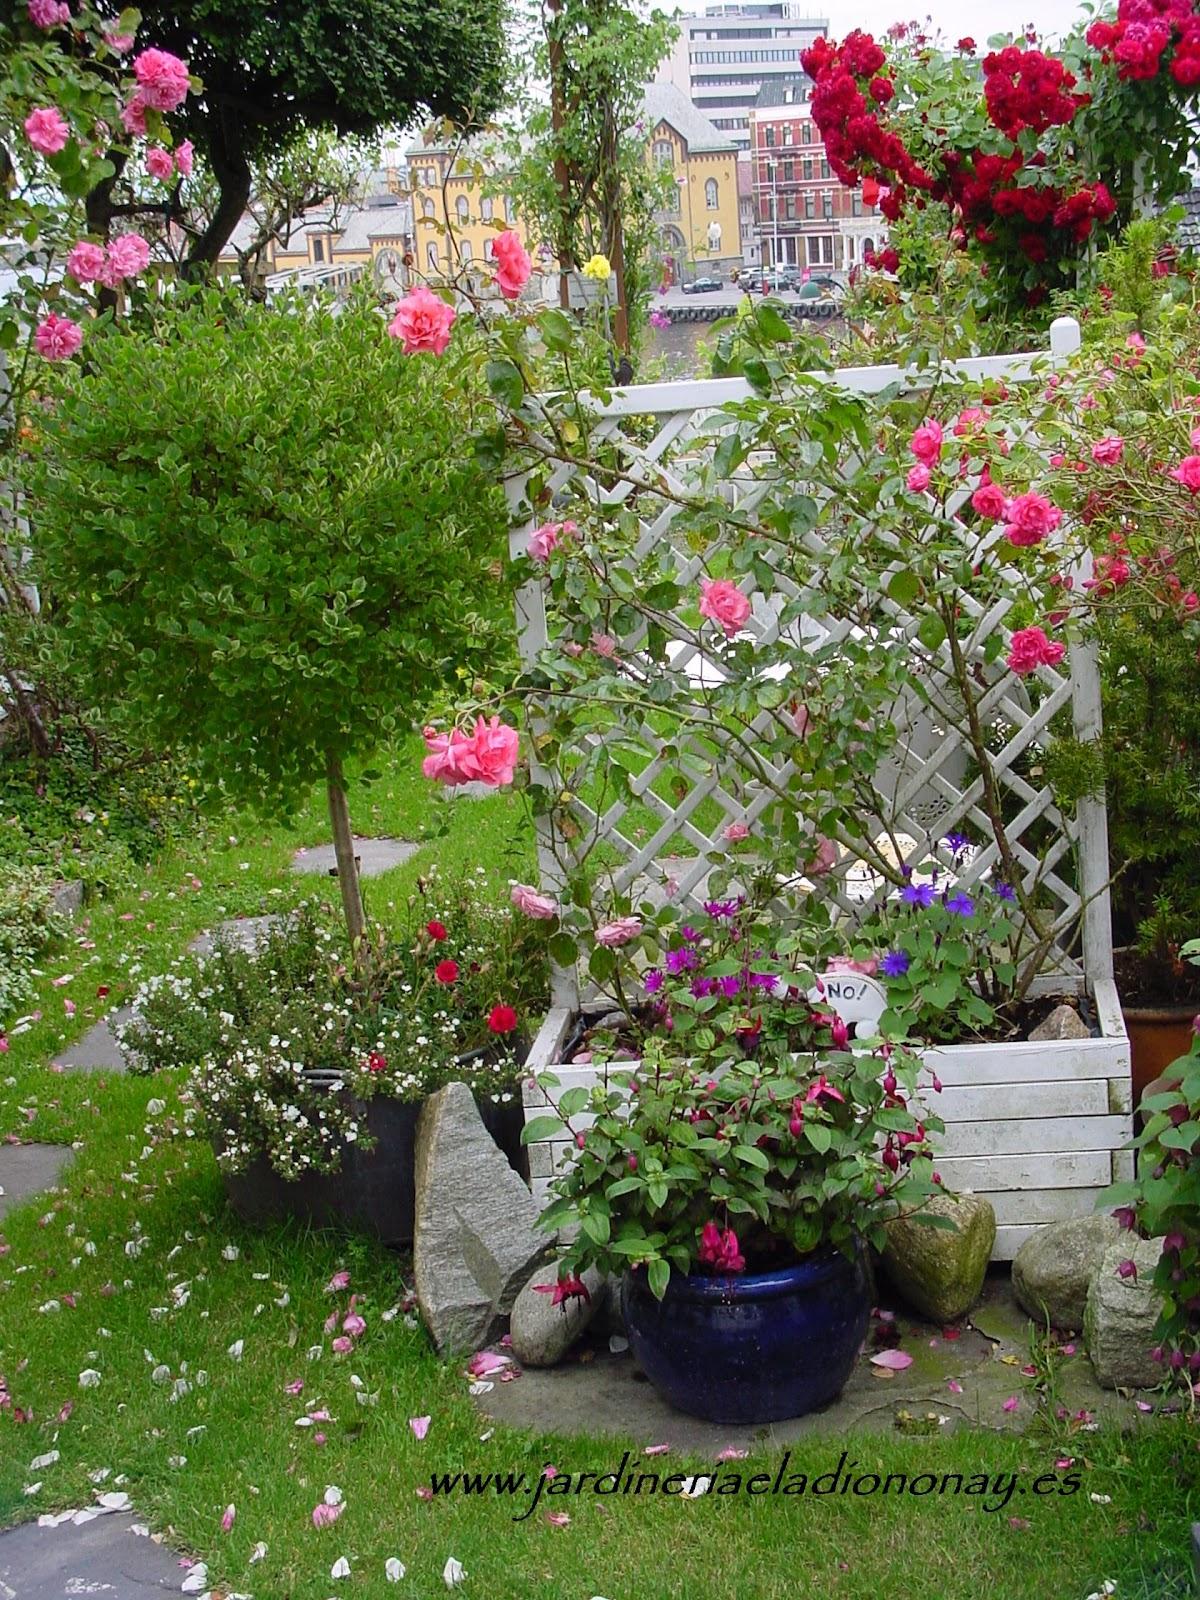 Jardineria eladio nonay un jard n de cuento jardiner a - Jardineria eladio nonay ...